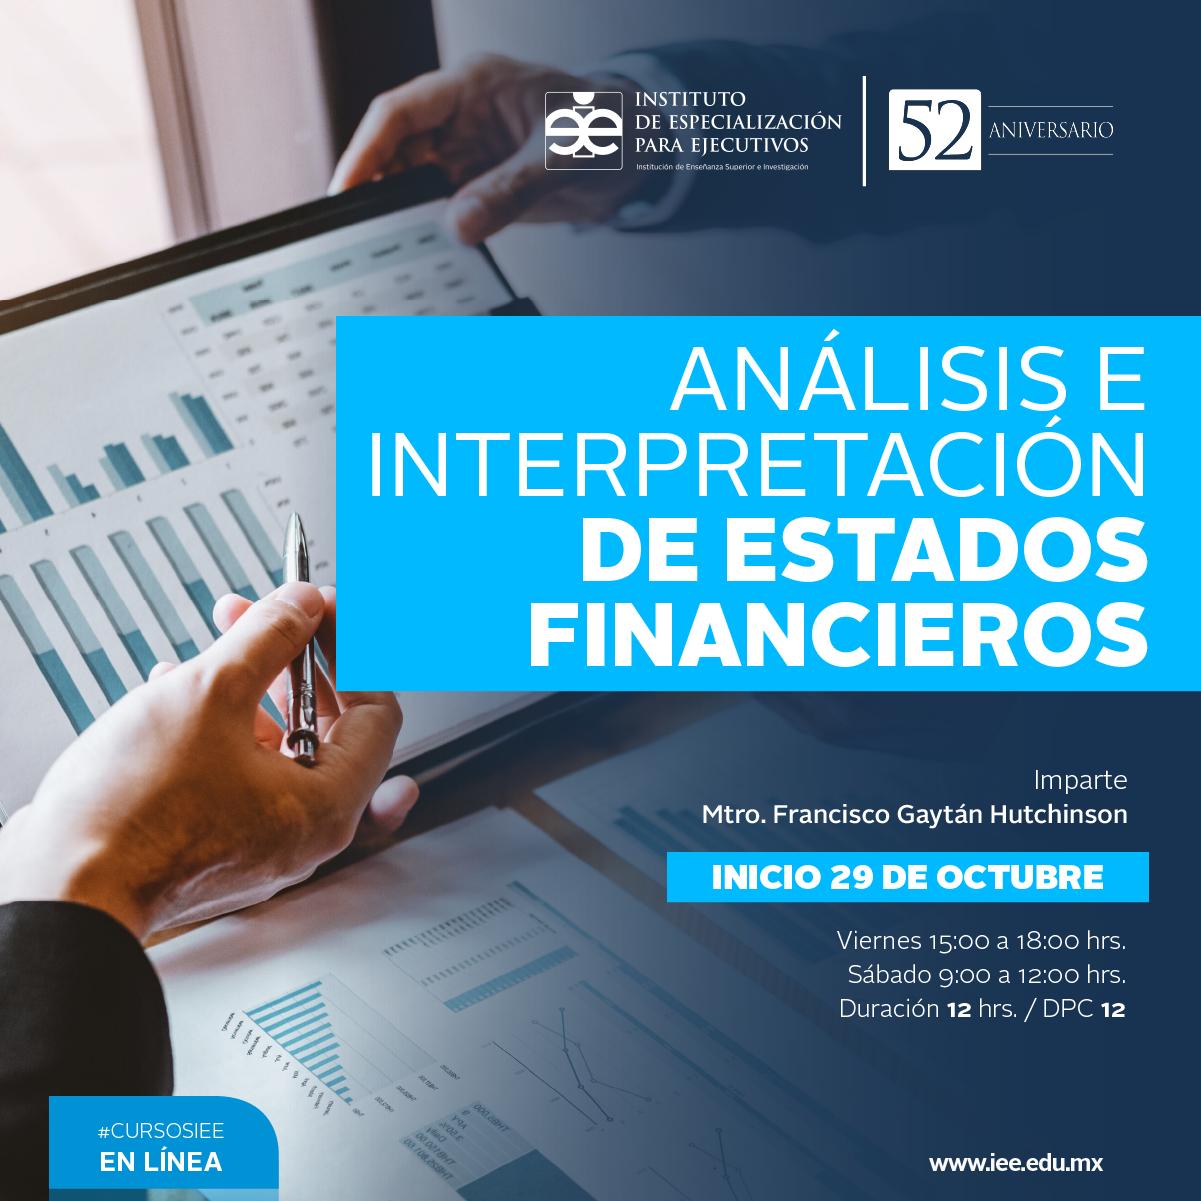 Curso en Línea en Análisis e Interpretación de Estados Financieros